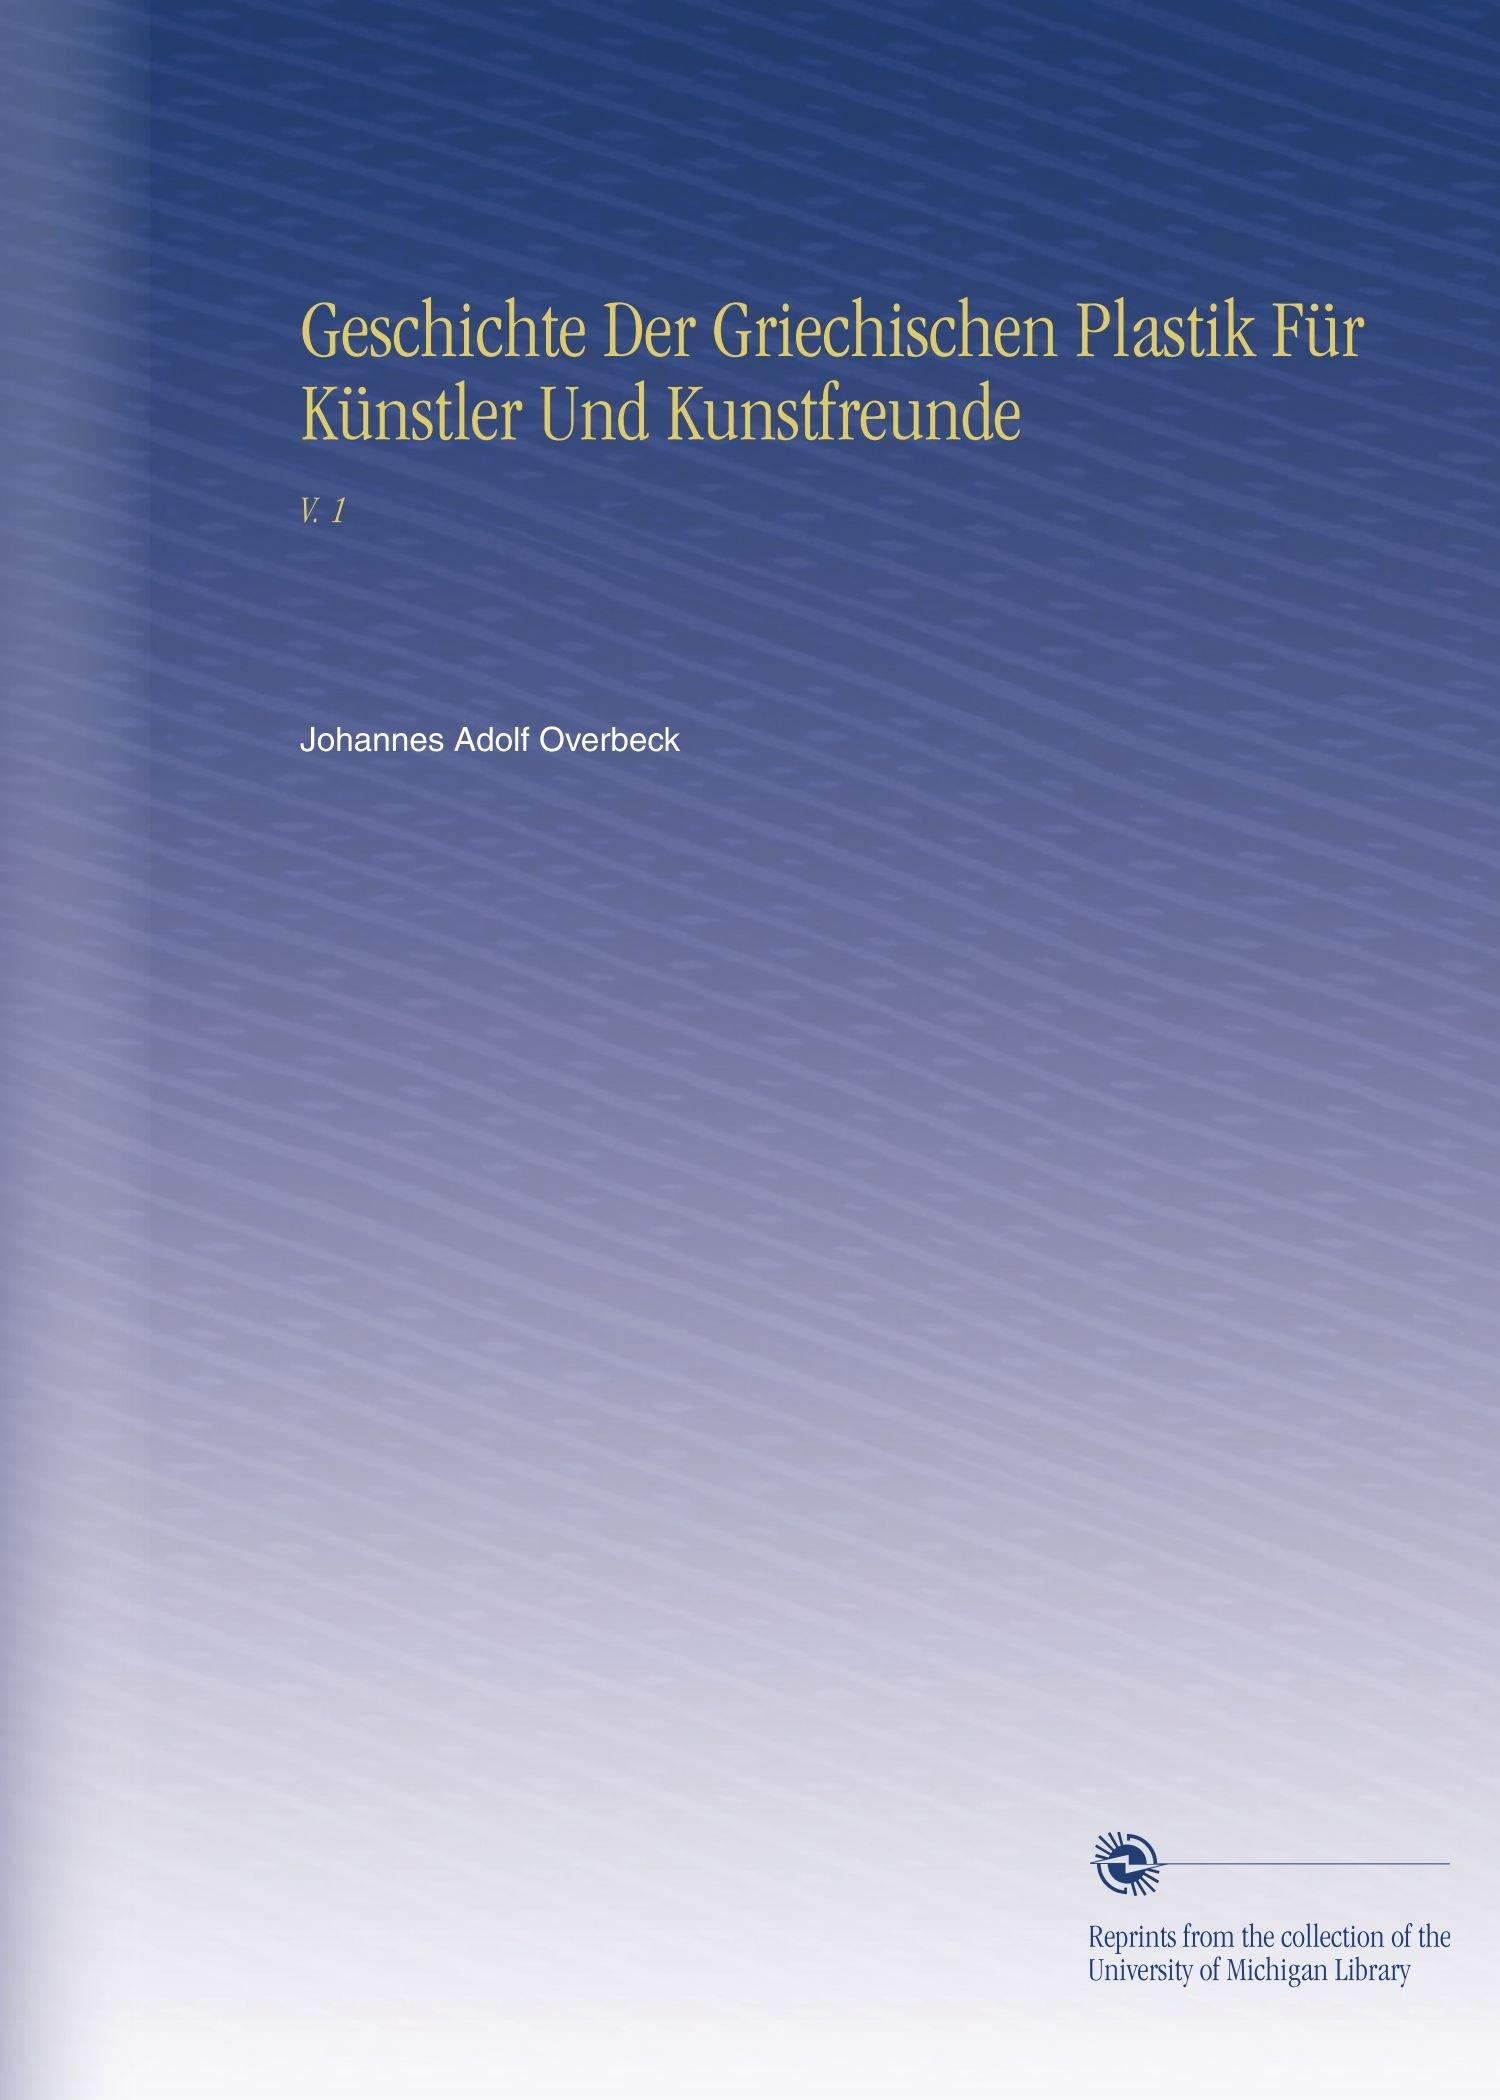 Geschichte Der Griechischen Plastik Für Künstler Und Kunstfreunde: V. 1 (German Edition) ebook